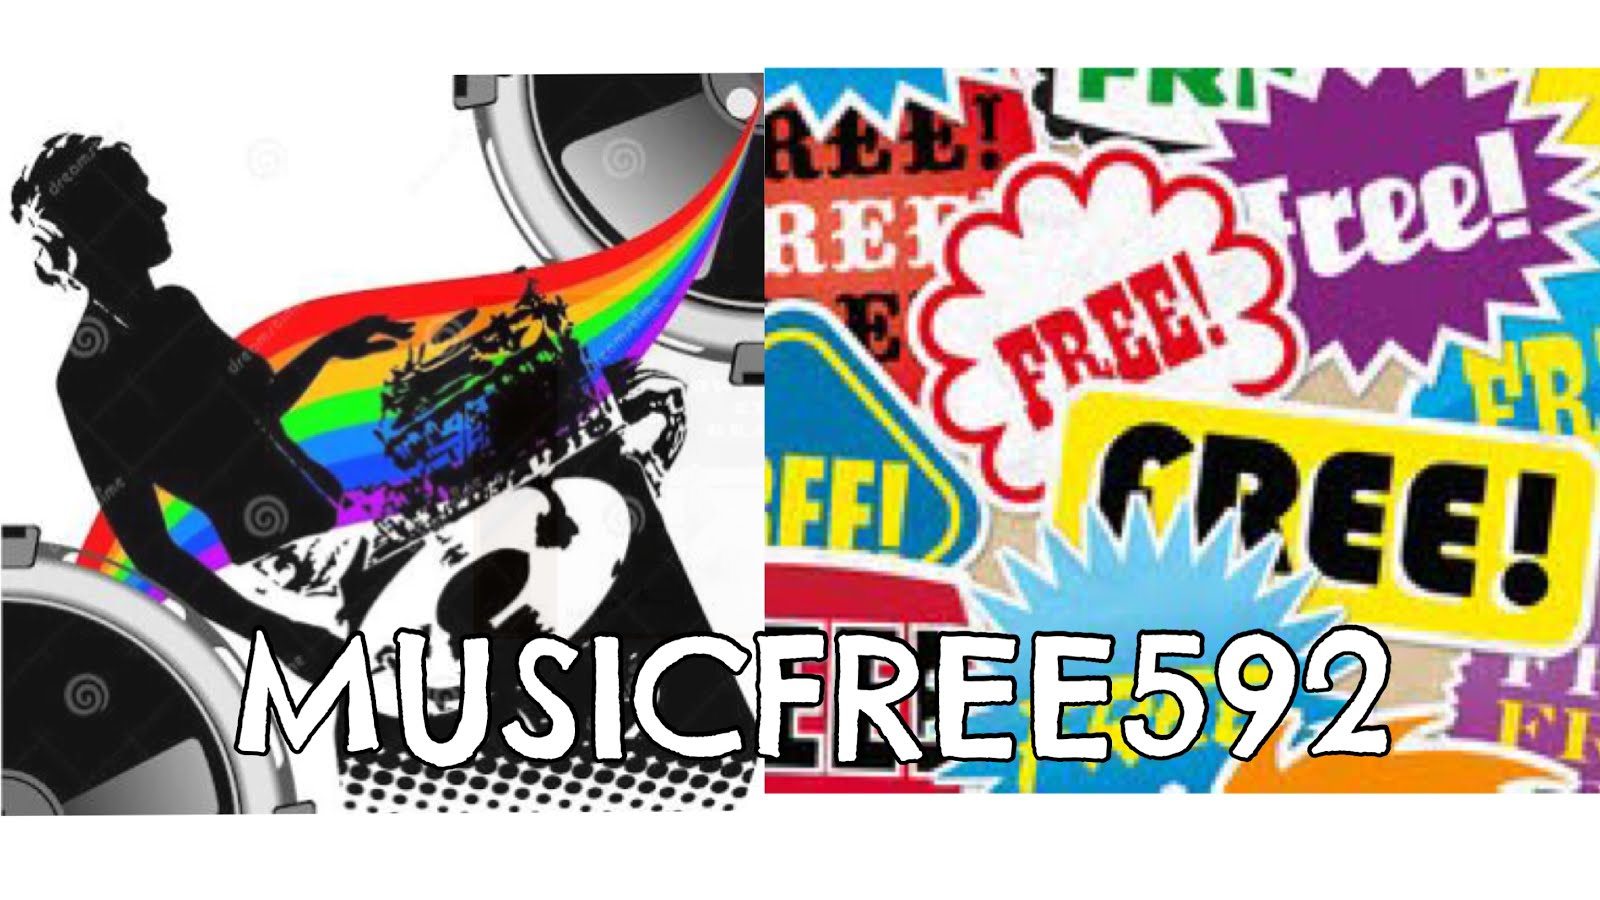 MUSICFREE592 (DOWNLOAD CD GRATIS ,BAIXAR CDS GRATIS)